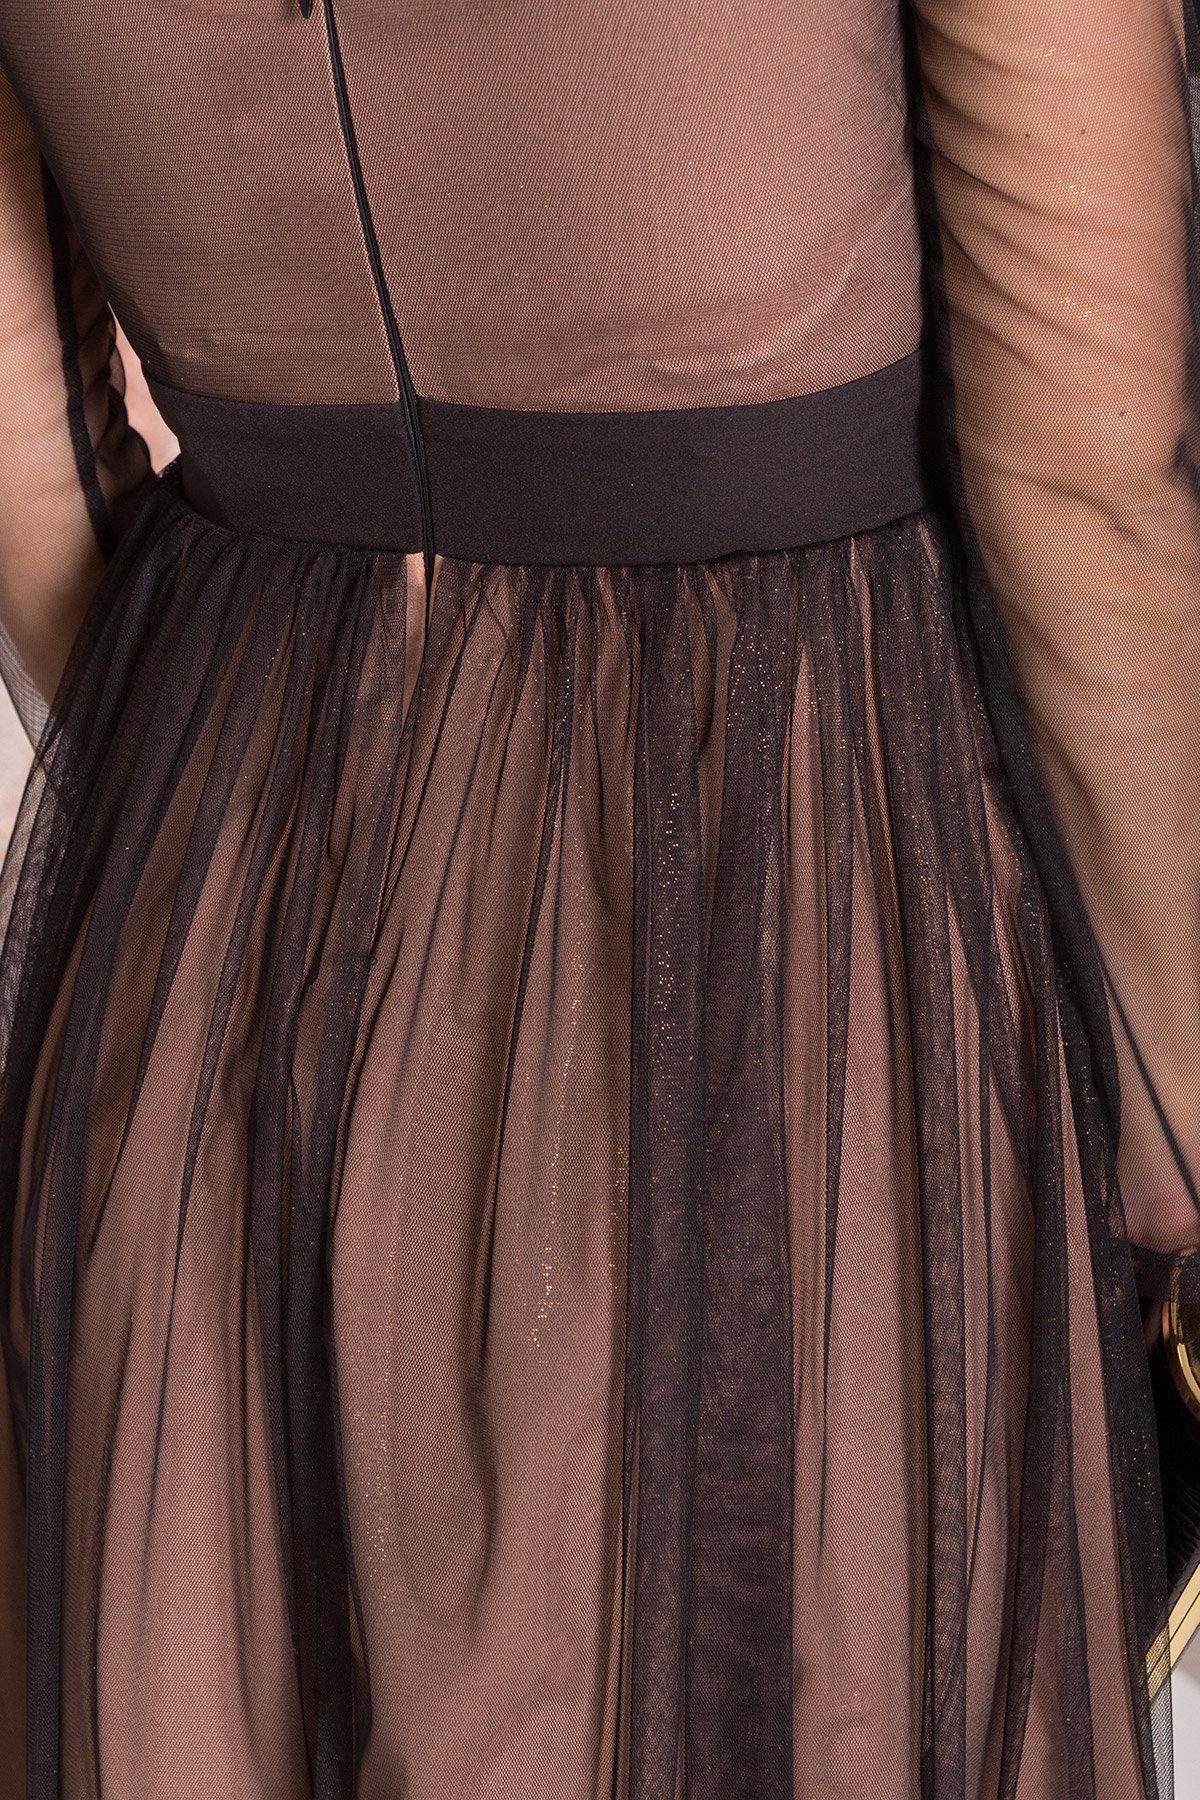 Платье миди длины с юбкой солнце-клеш Роял 8681 АРТ. 45006 Цвет: Черный/золото - фото 11, интернет магазин tm-modus.ru